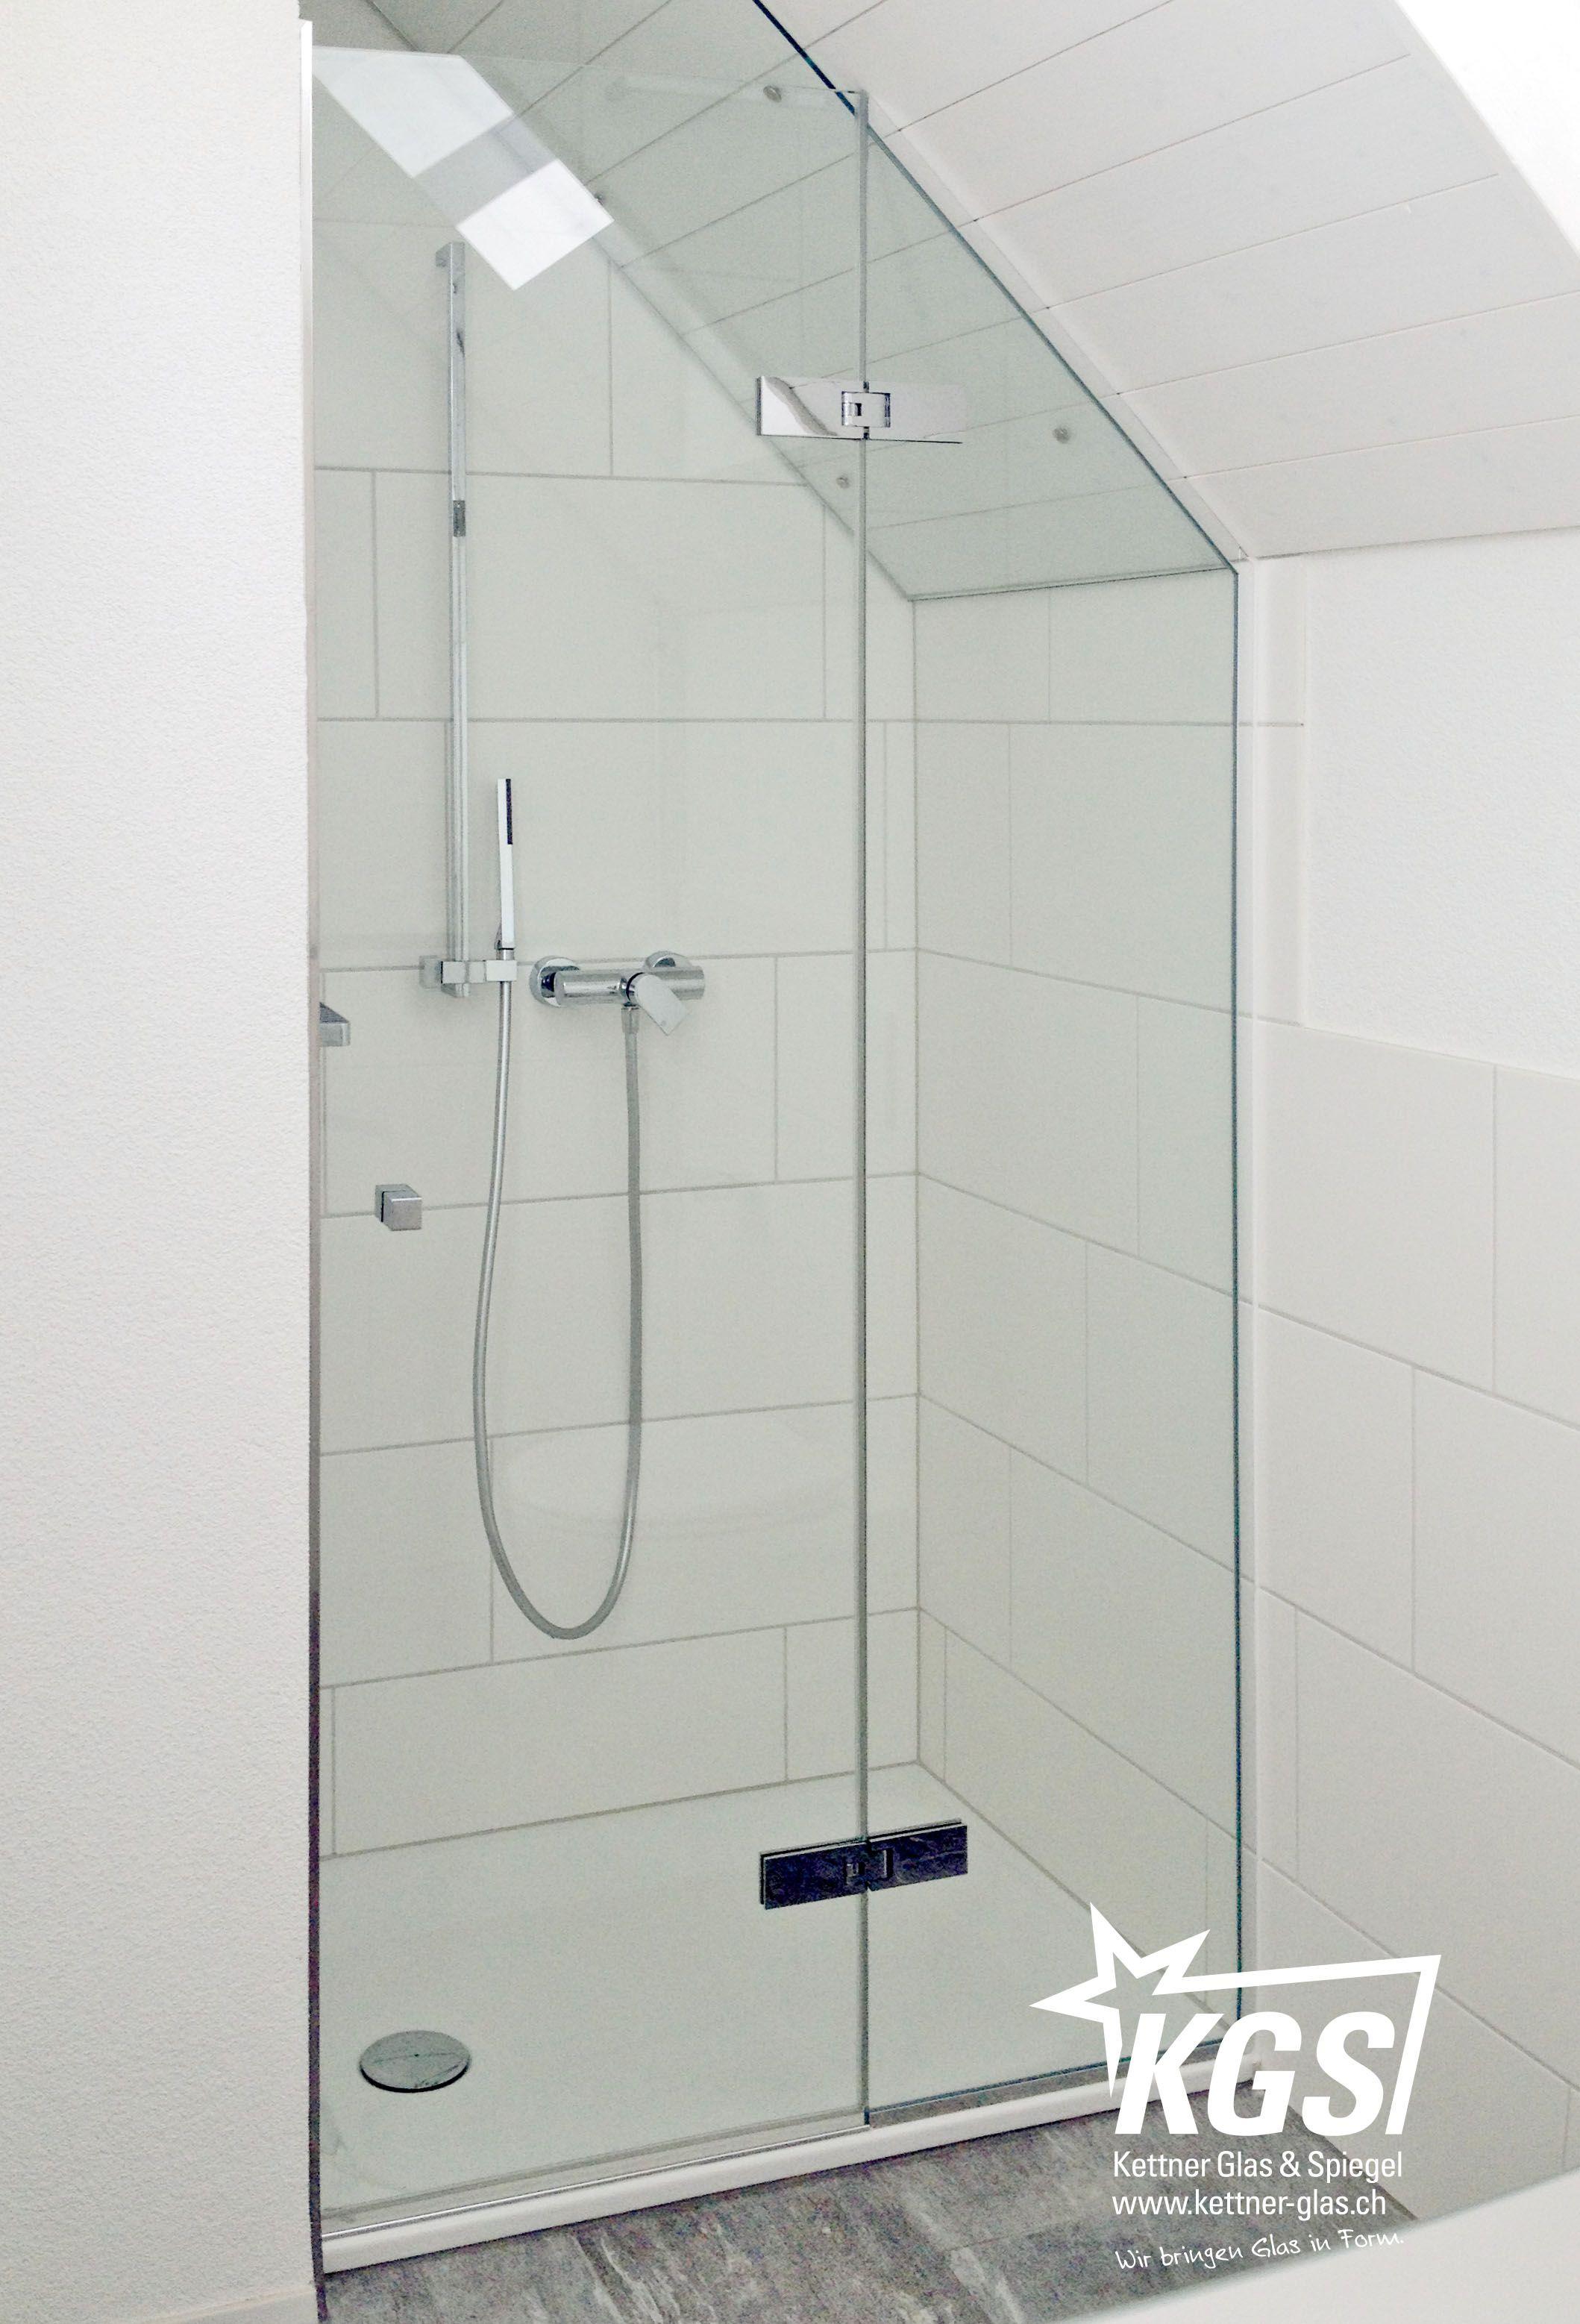 massgefertigte ganzglas duschkabine unter dachneigung mit passenden beschl gen duschkabinen. Black Bedroom Furniture Sets. Home Design Ideas